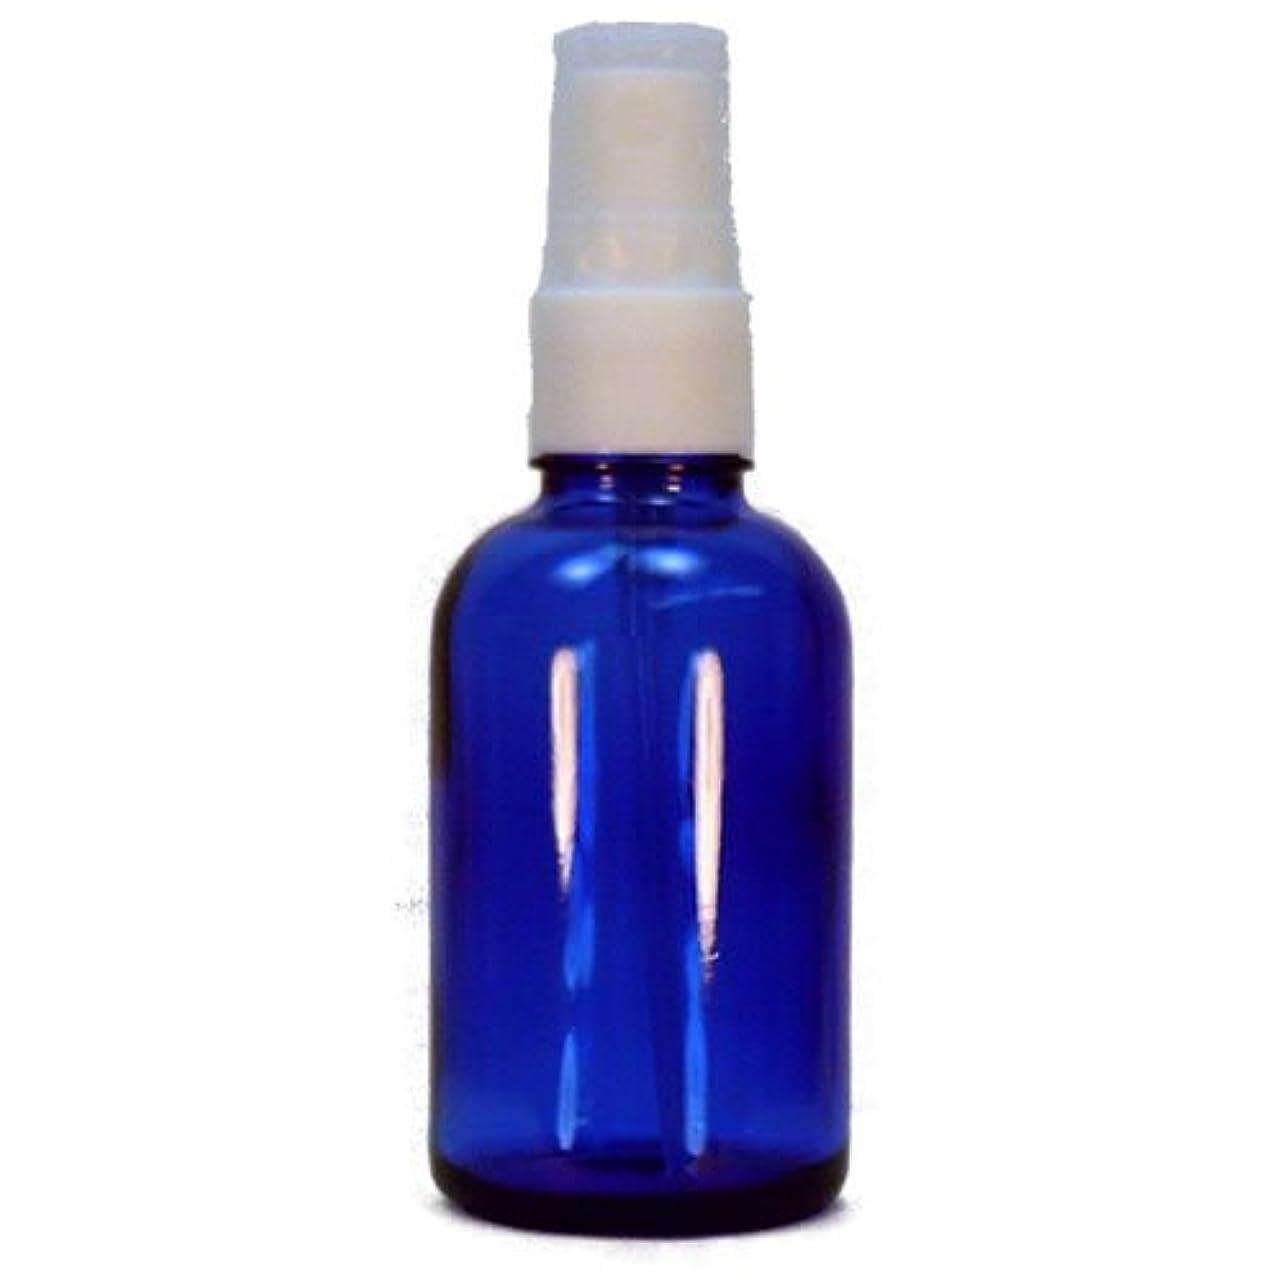 除去メルボルン影響スプレーボトル ブルー 30ml 6本セット